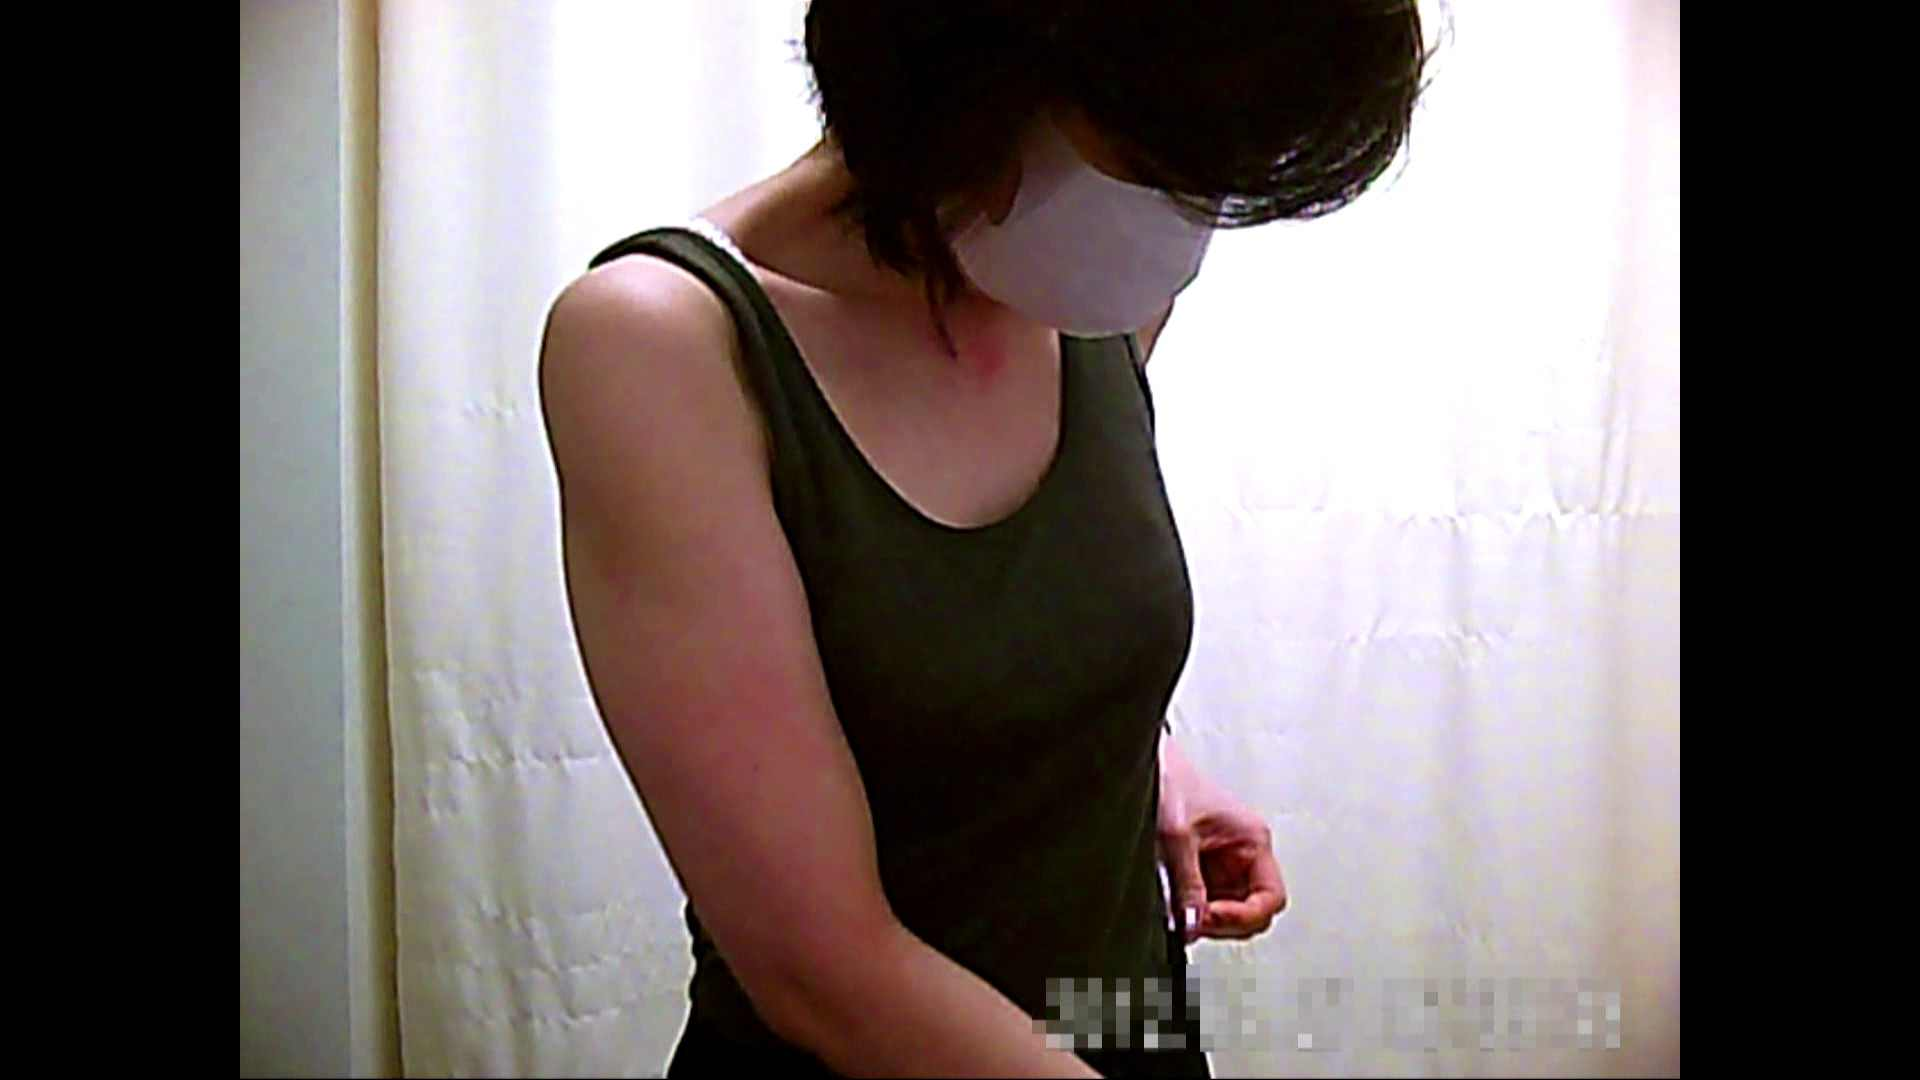 元医者による反抗 更衣室地獄絵巻 vol.006 0  93pic 48